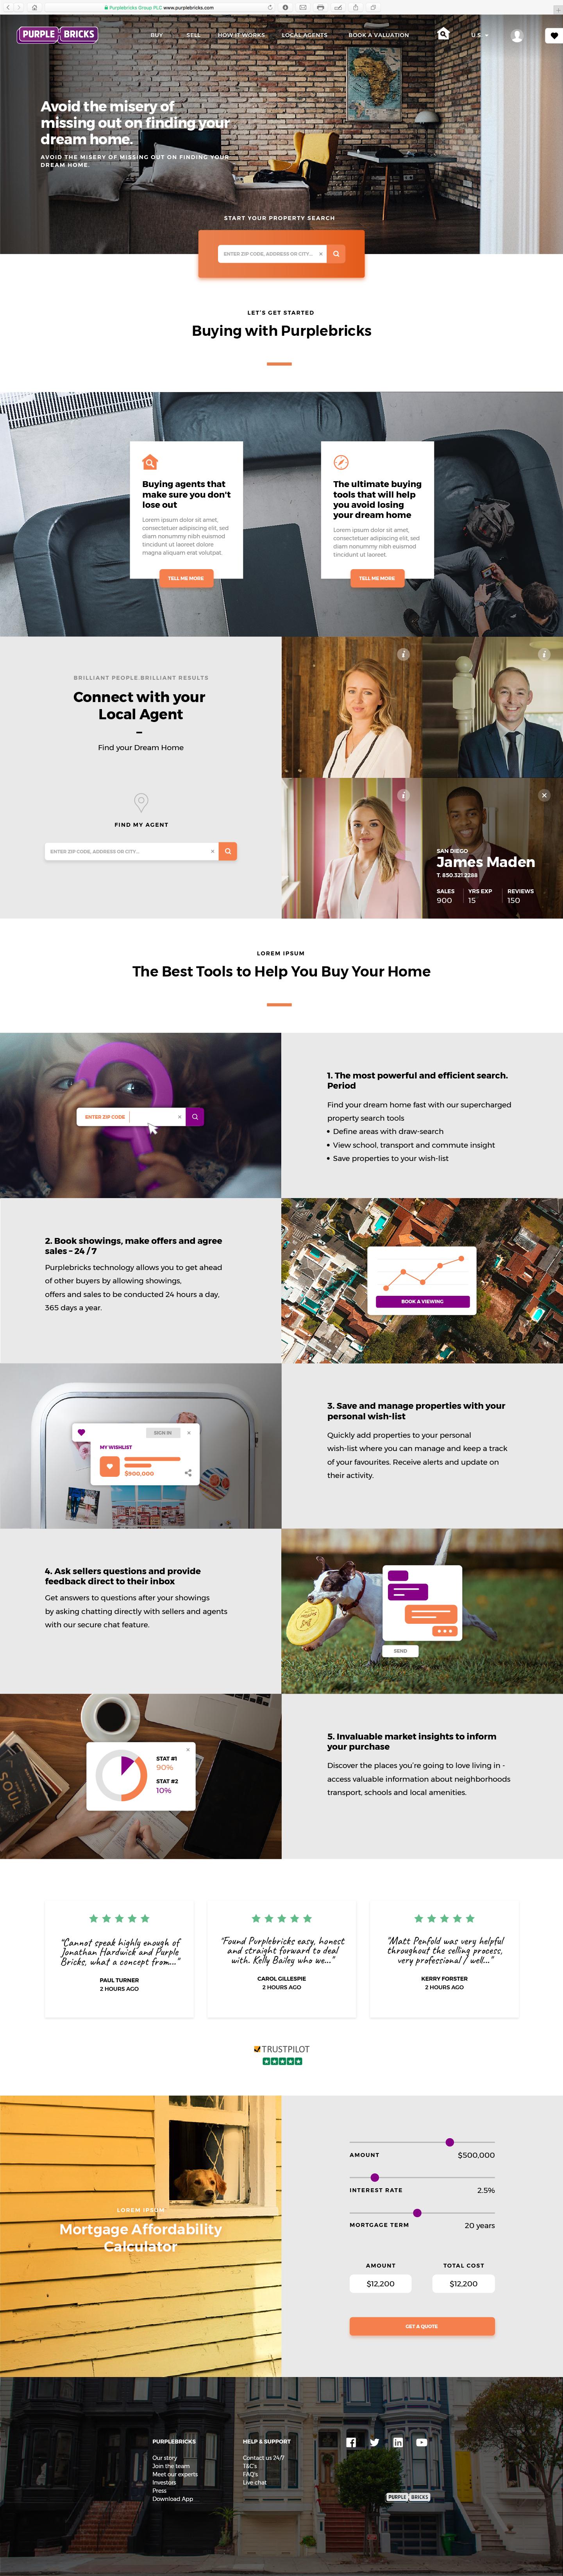 MS.Purplebricks.homepage_012-02.png